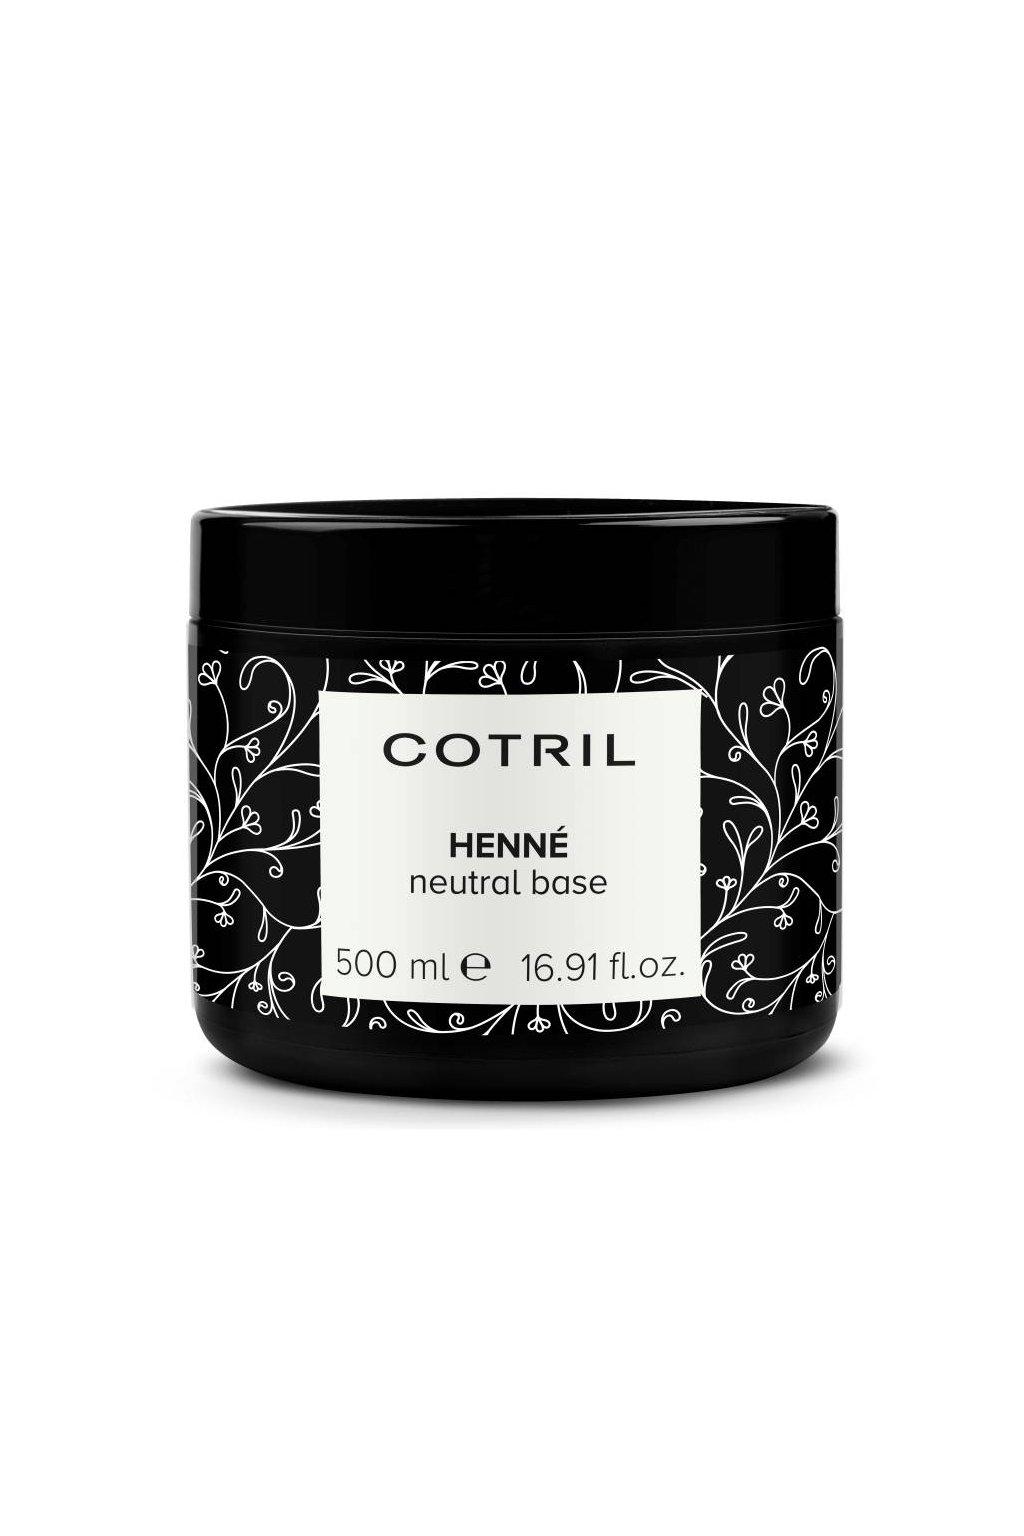 Cotril HENNÉ Neutral báze pro vytváření perfektních směsí henny 500ml